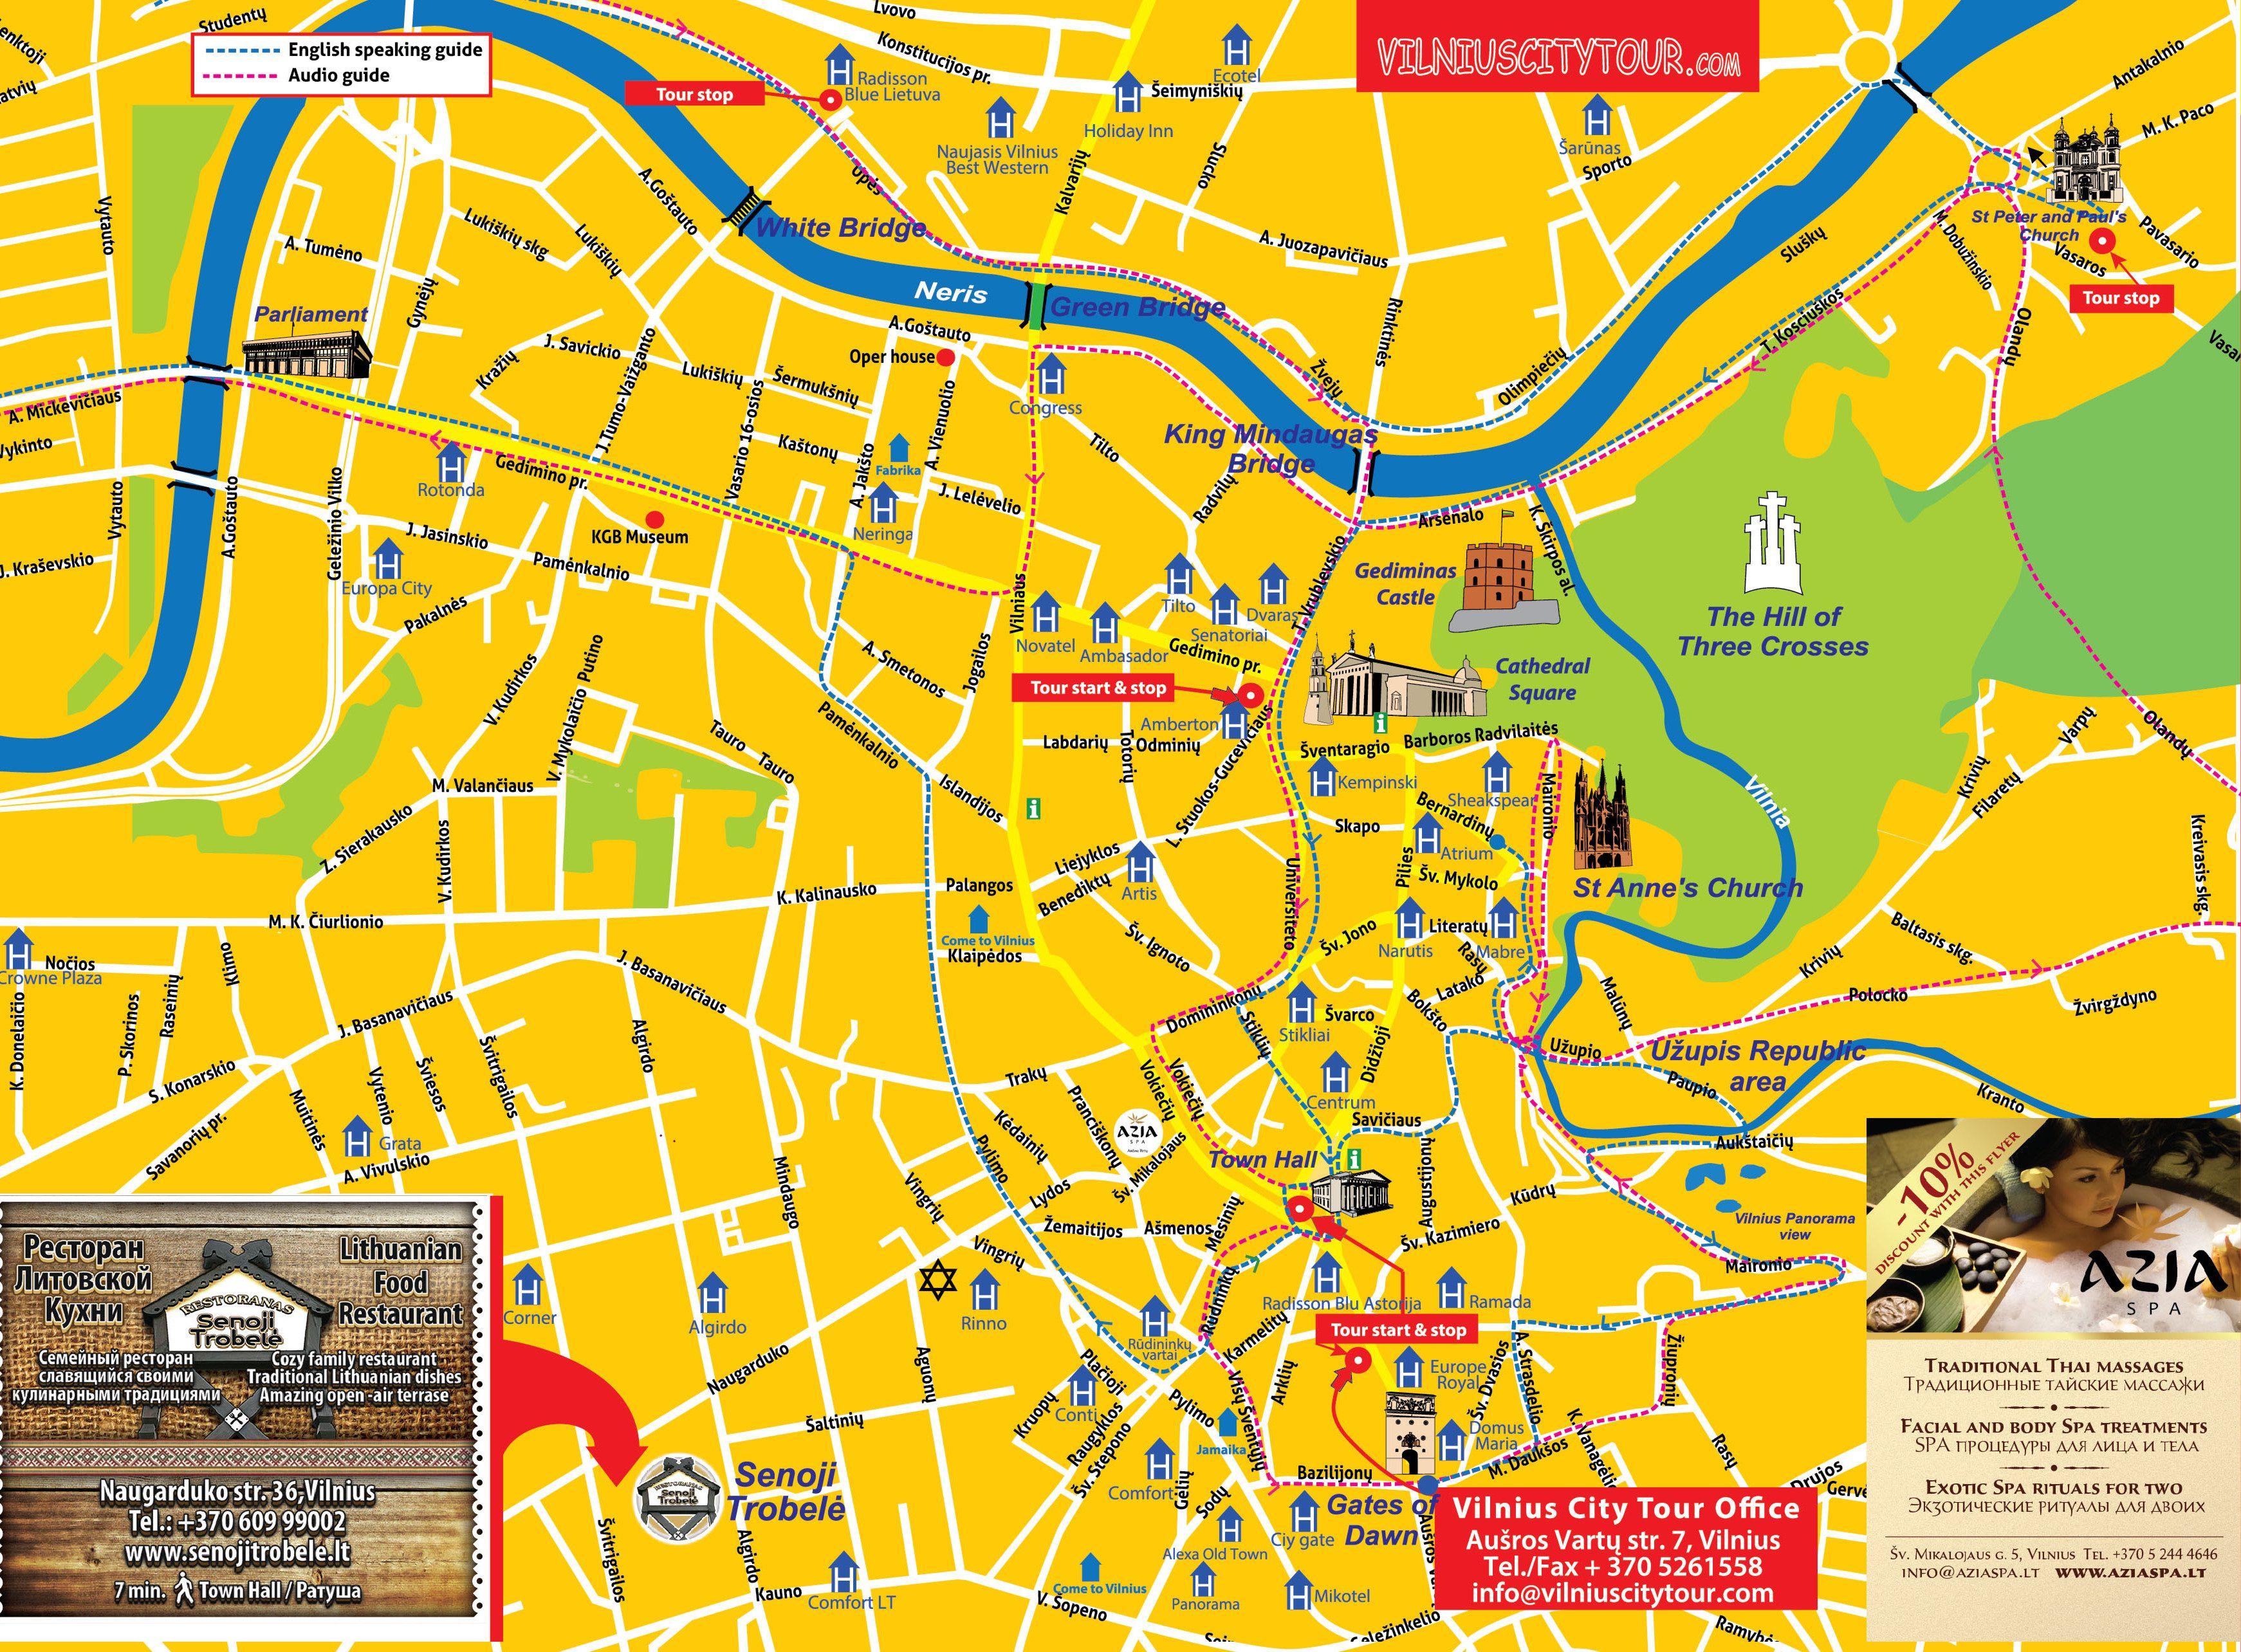 VILNIUS City Map Places To Visit Pinterest City Maps And City - Vilnius map